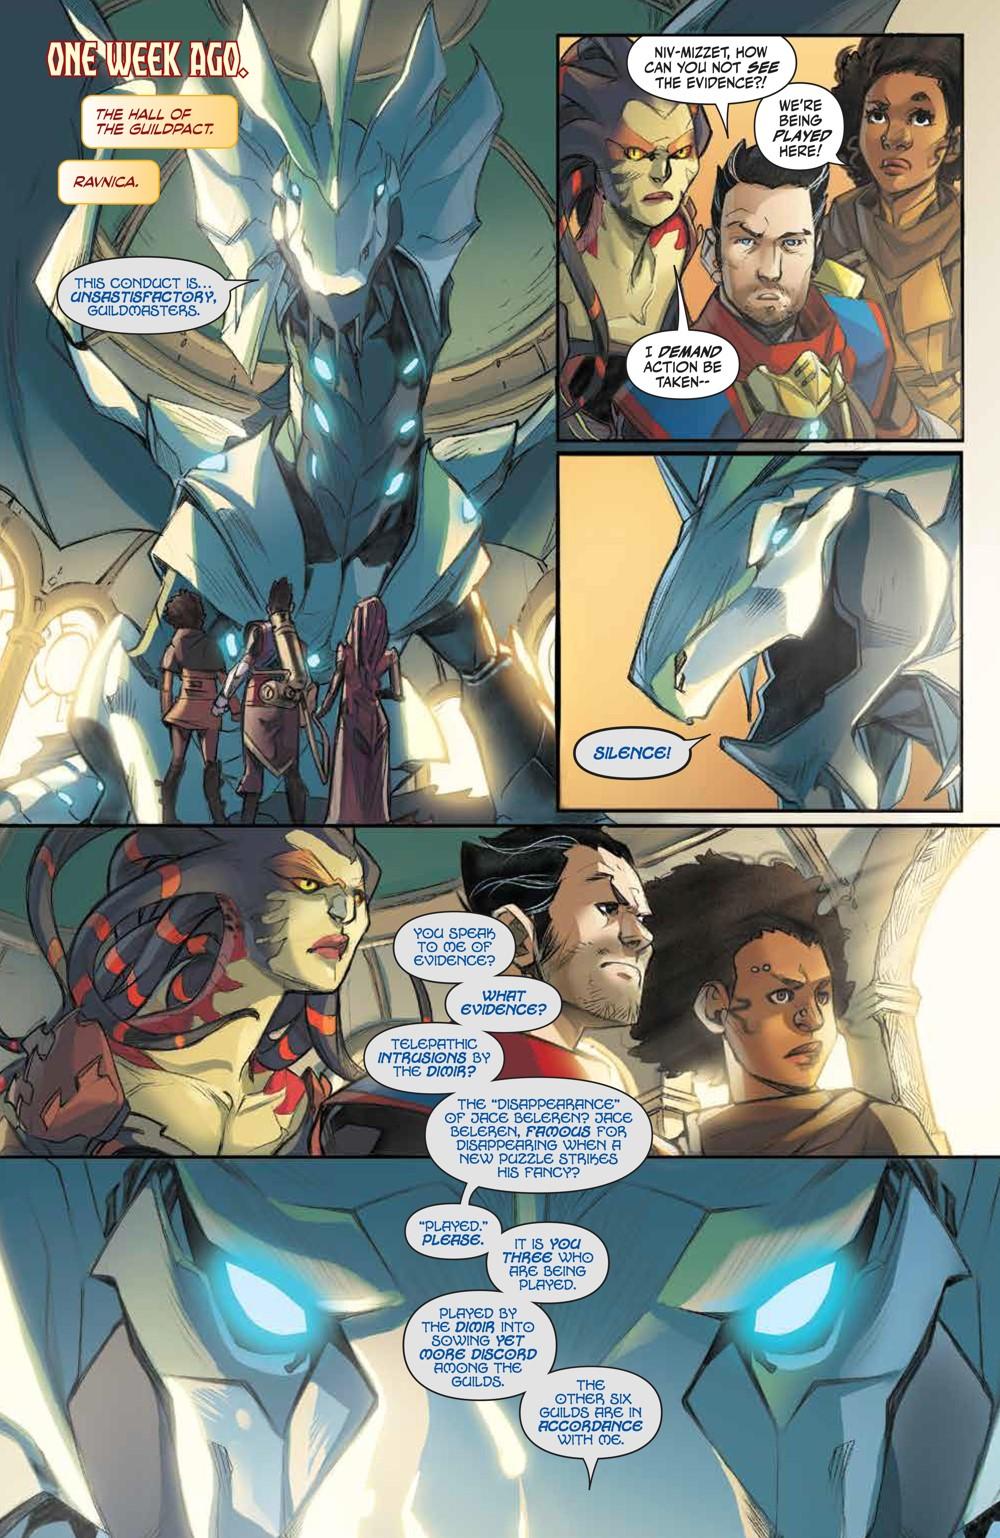 Magic_005_PRESS_5 ComicList Previews: MAGIC #5